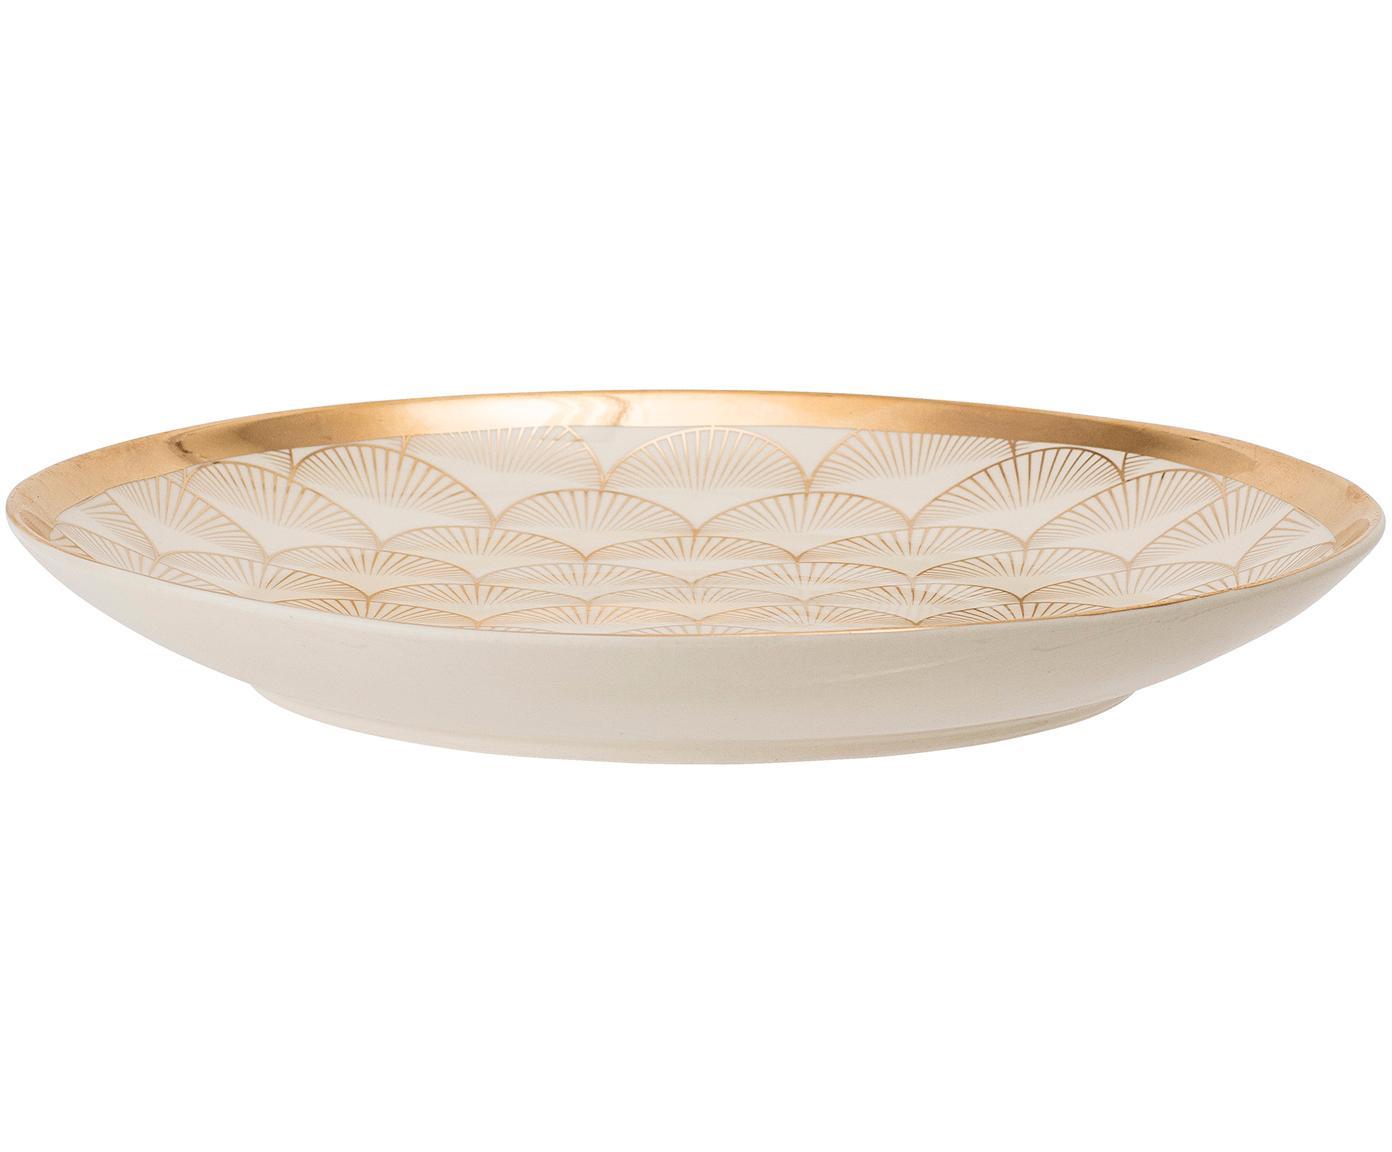 Piatto piano Aruba 2 pz, Terracotta, Beige, dorato, Ø 25 cm